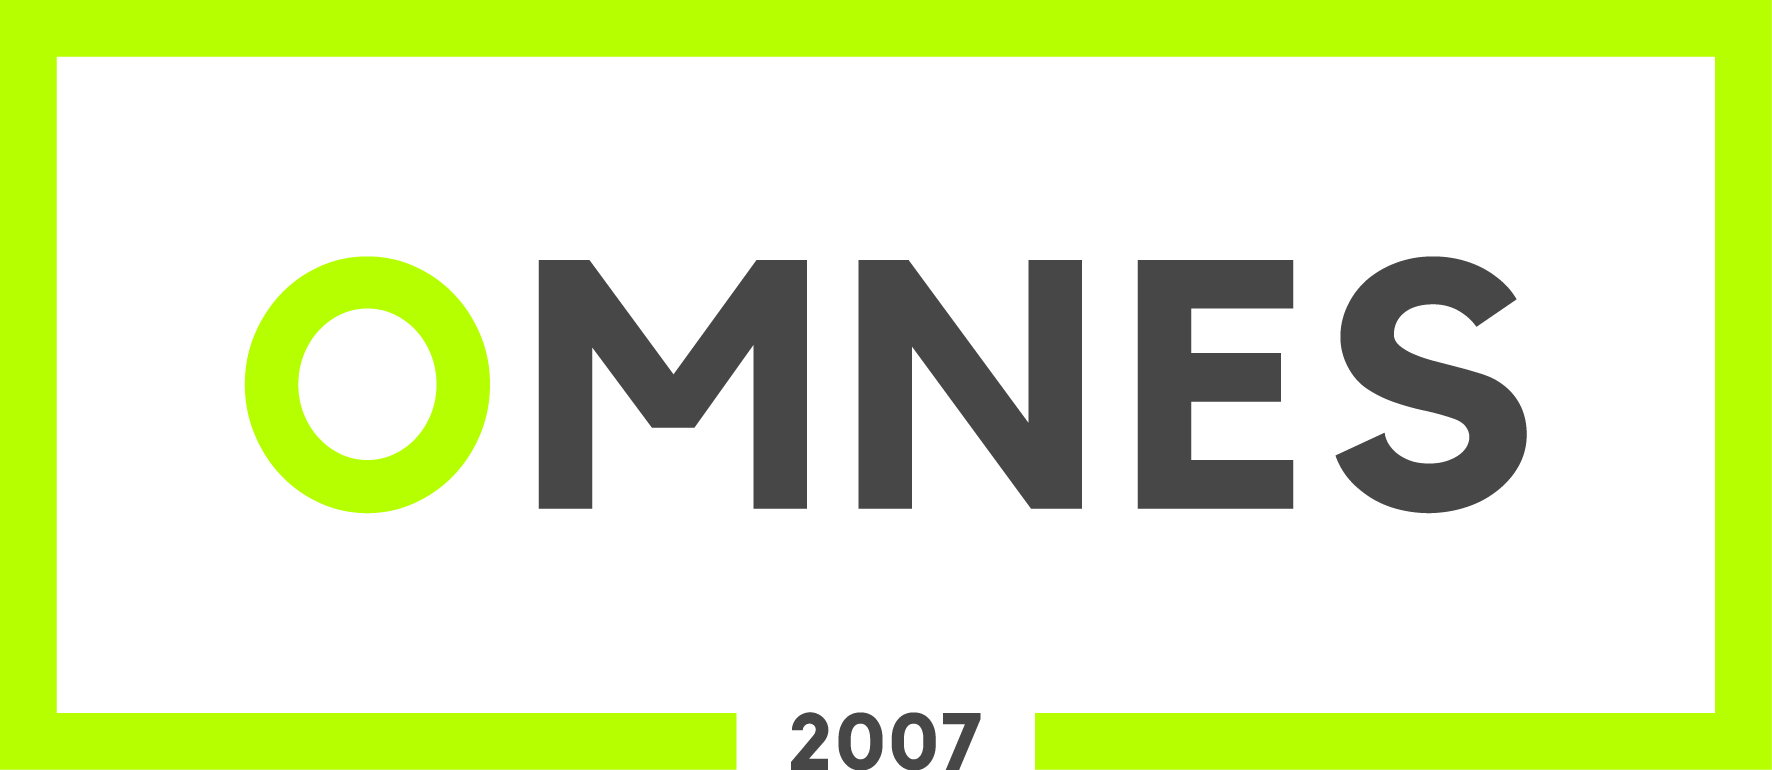 OMNES Werbe GmbH